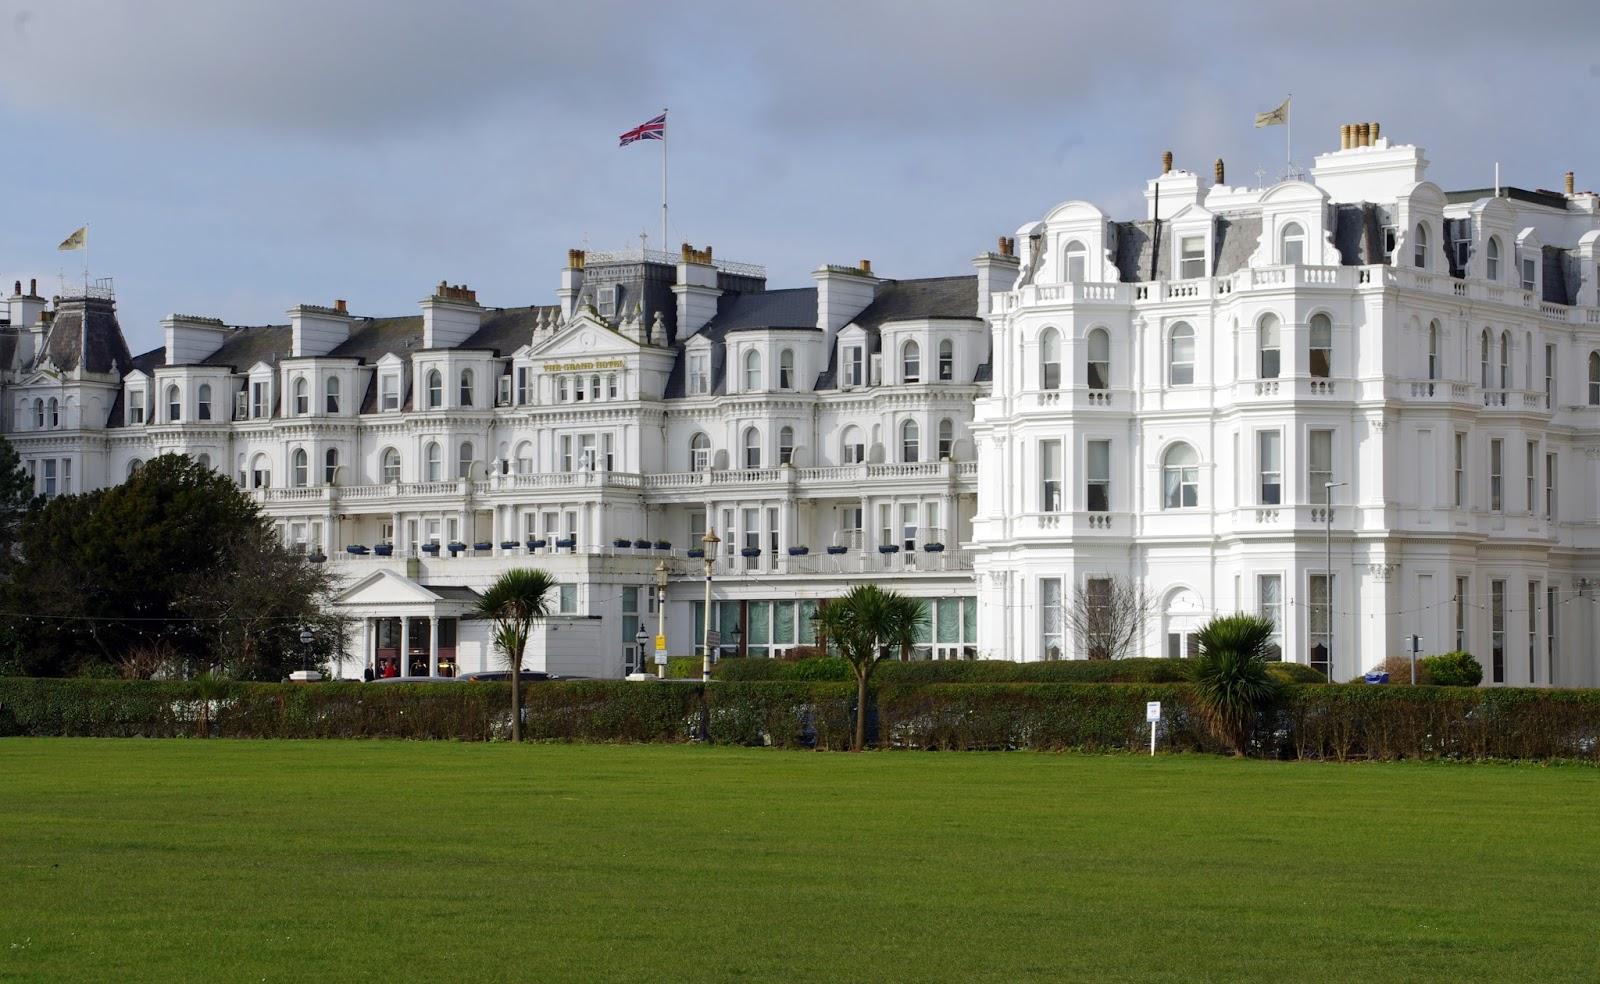 The Grand Hotel Eastbourne Exterior